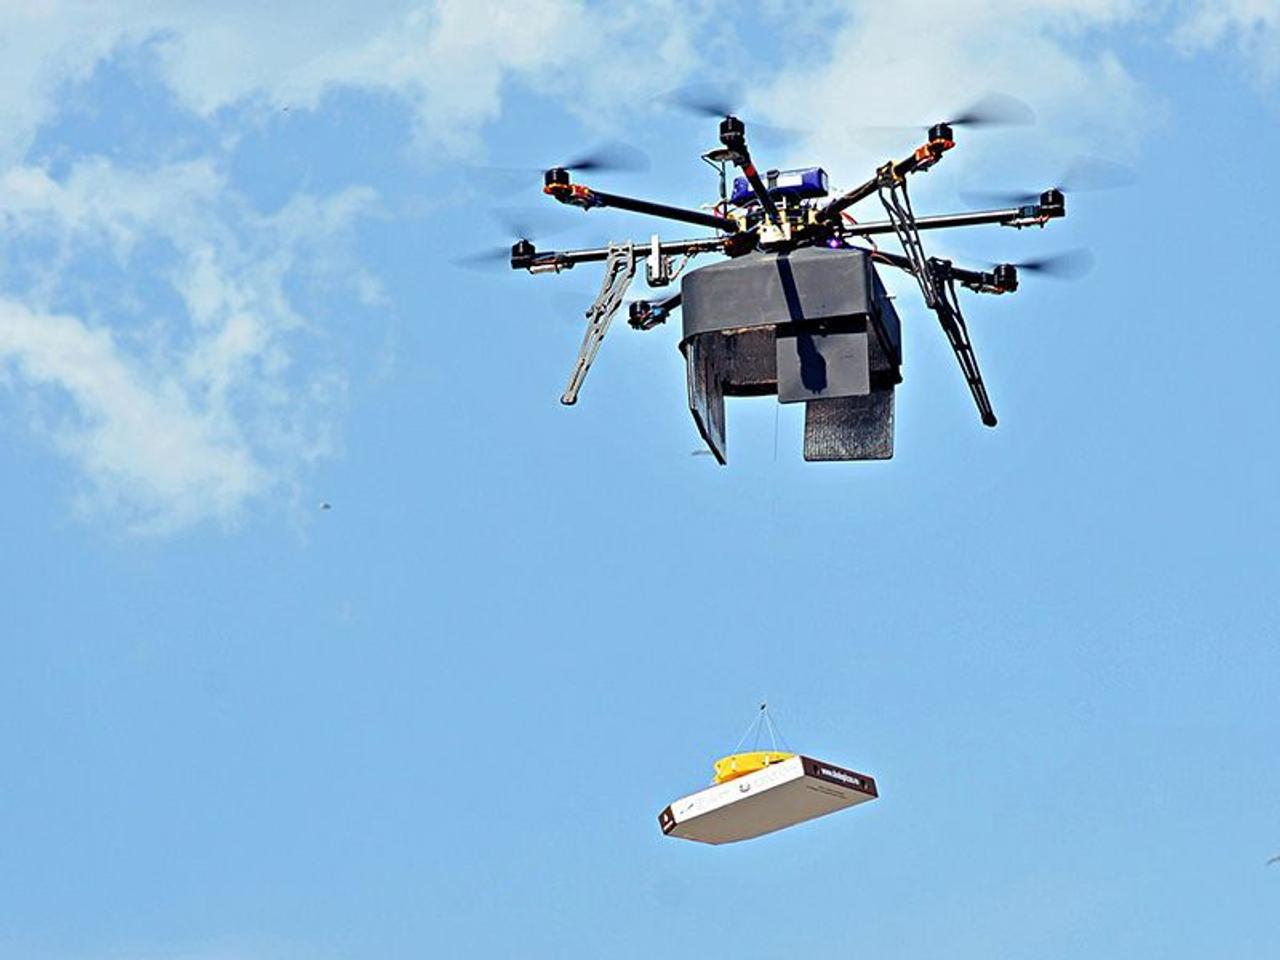 Многозадачный дрон для доставки RDSX, быстро доставит ваш заказ, без повреждений товара